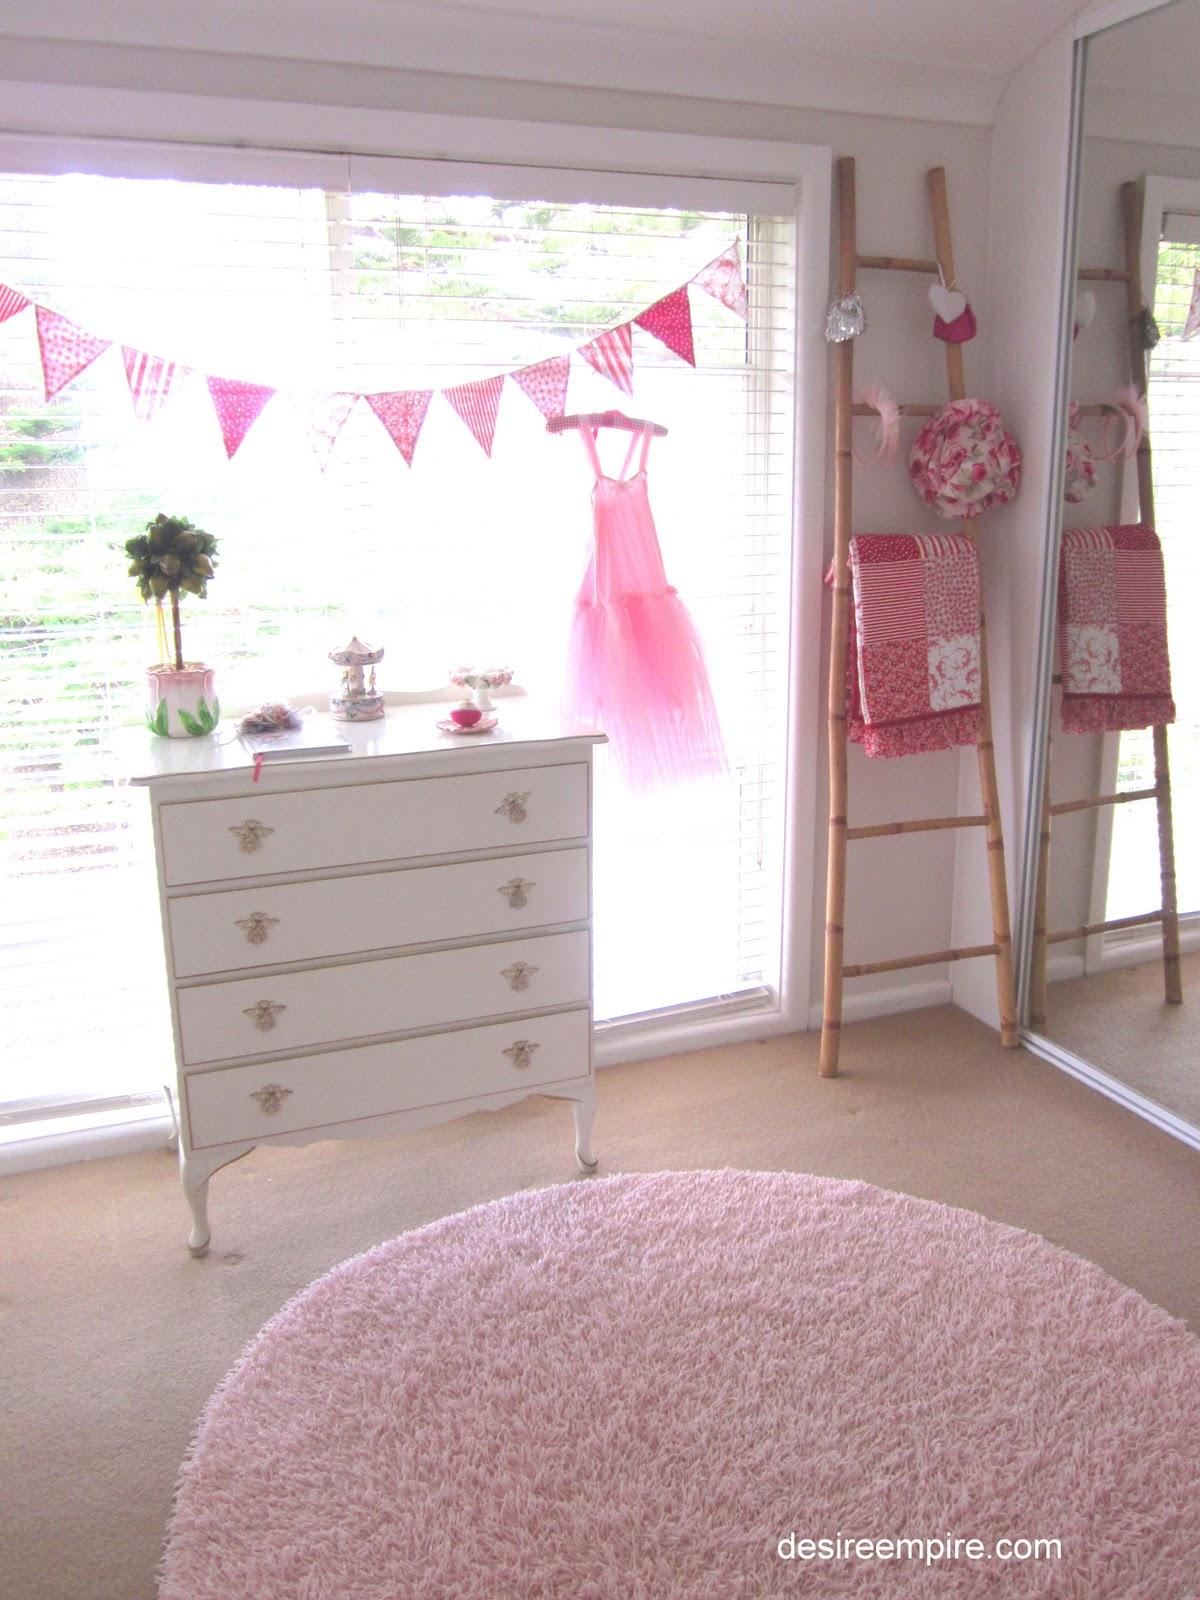 My little girl 39 s bedroom reveal desire empire - Years old girl bedroom ...